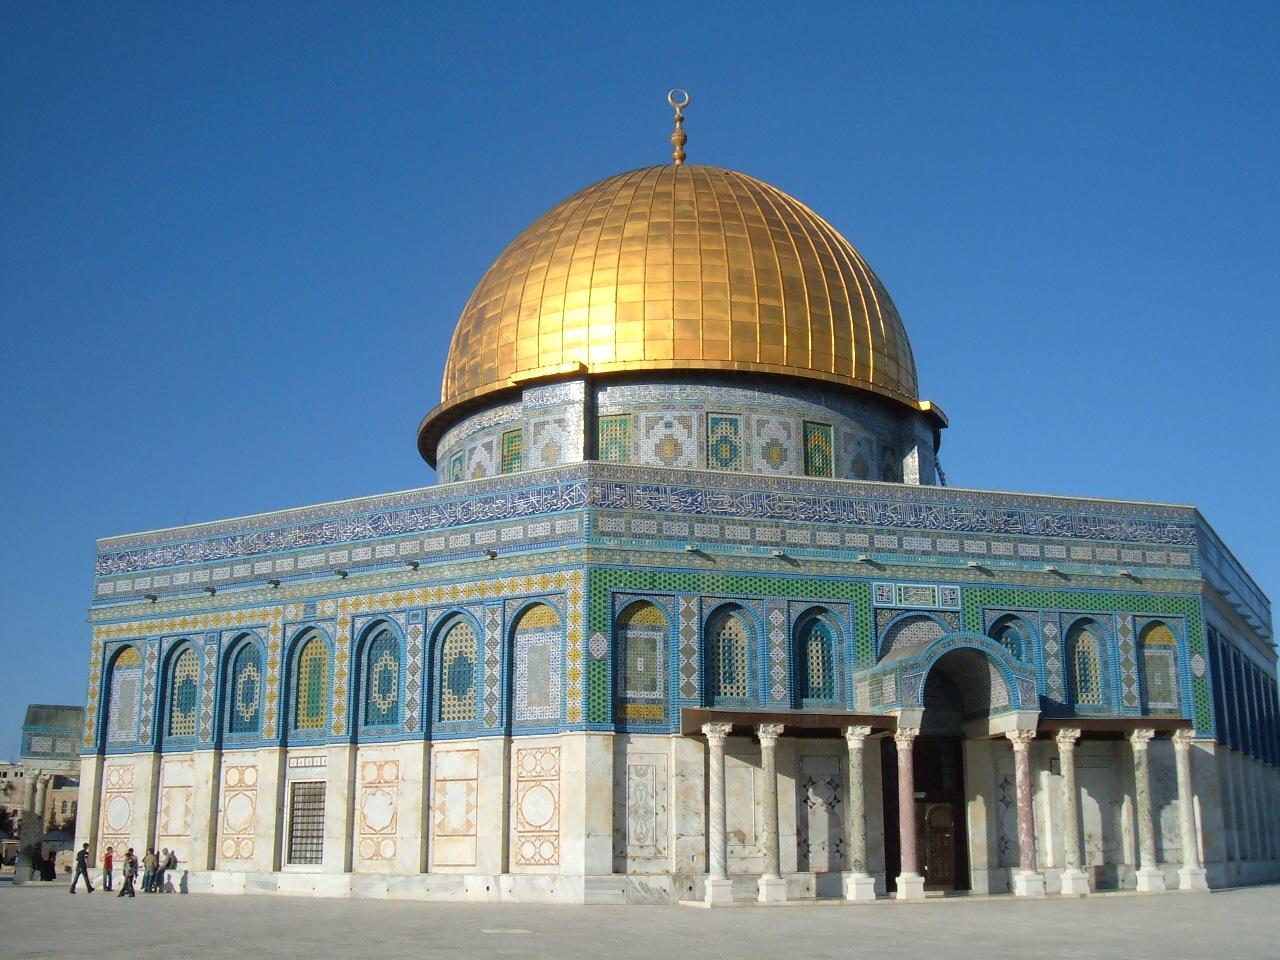 بالصور صور المسجد الاقصى , اجمل صور للمسجد الاقصى 1177